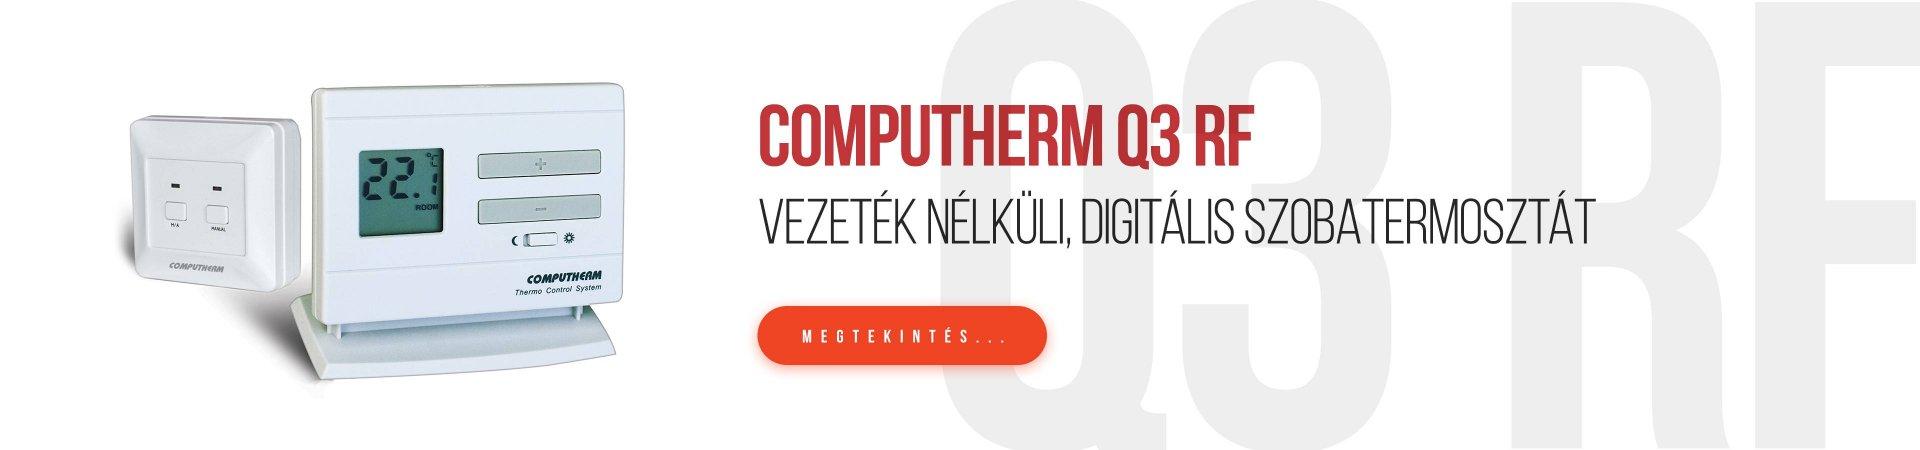 http://www.termostatshop.sk/hu/vezetek-nelkuli-digitalis-szobatermosztat